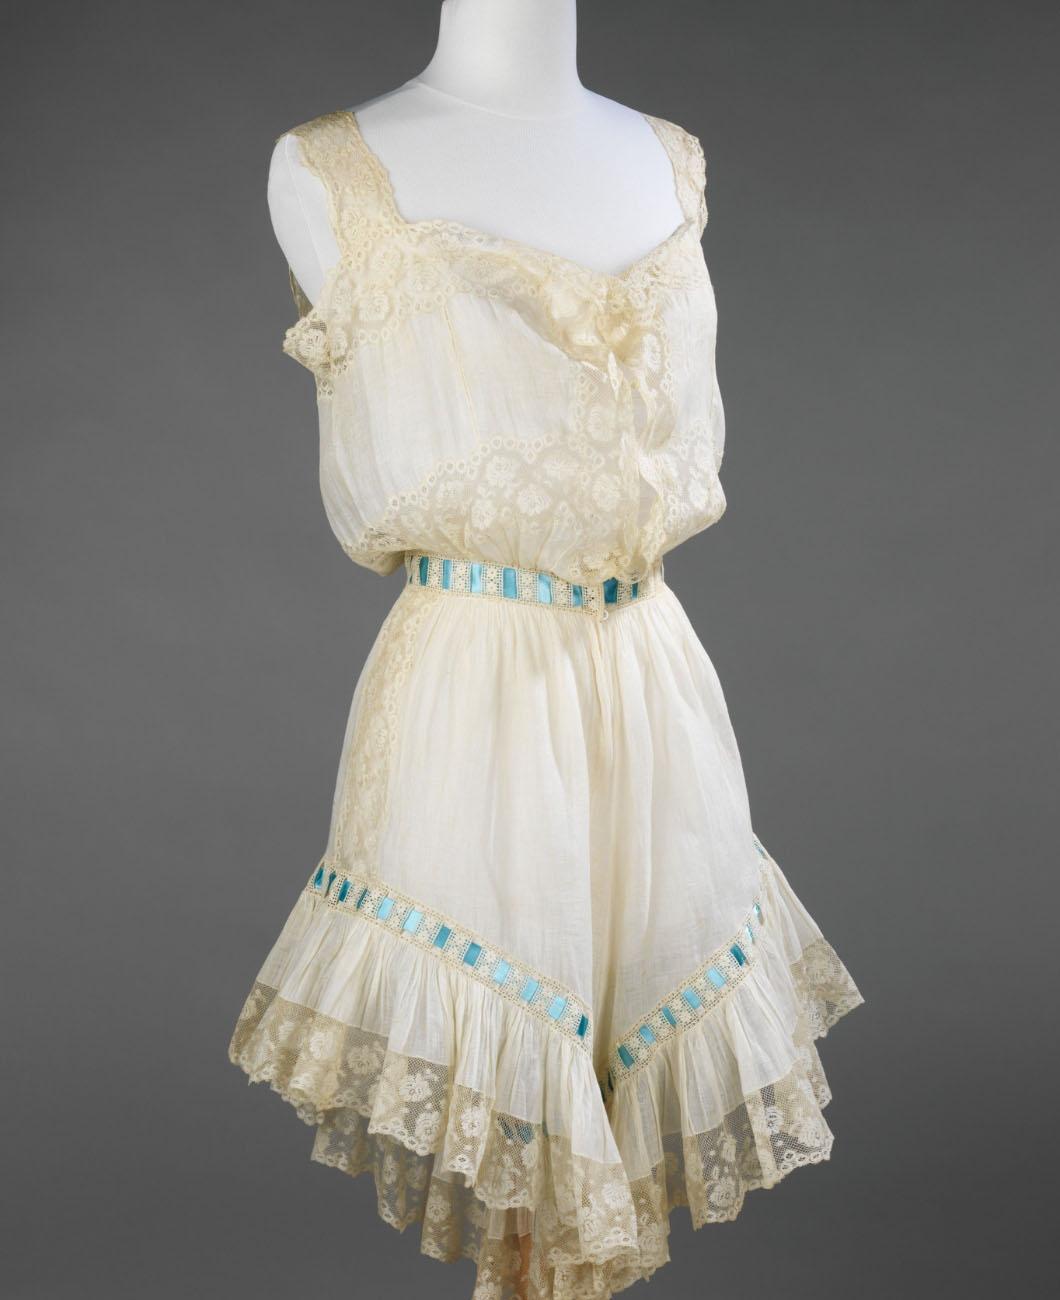 chemise-history-la-polo-lapolo-camisole-corset-vintage-lingerie-garments-waist-trainers